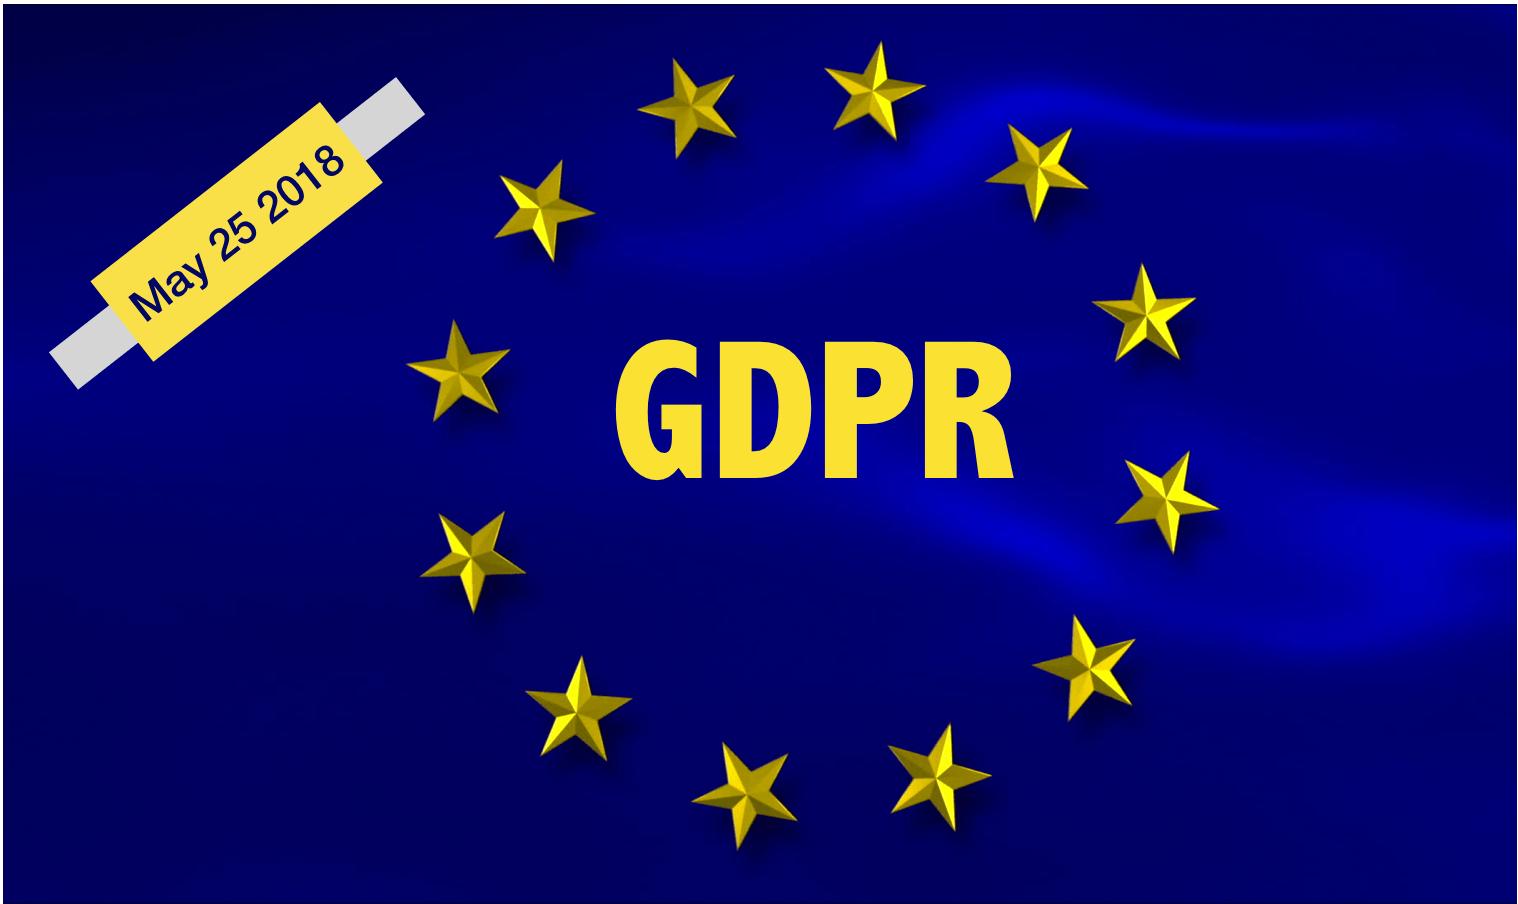 GDPR permission marketing